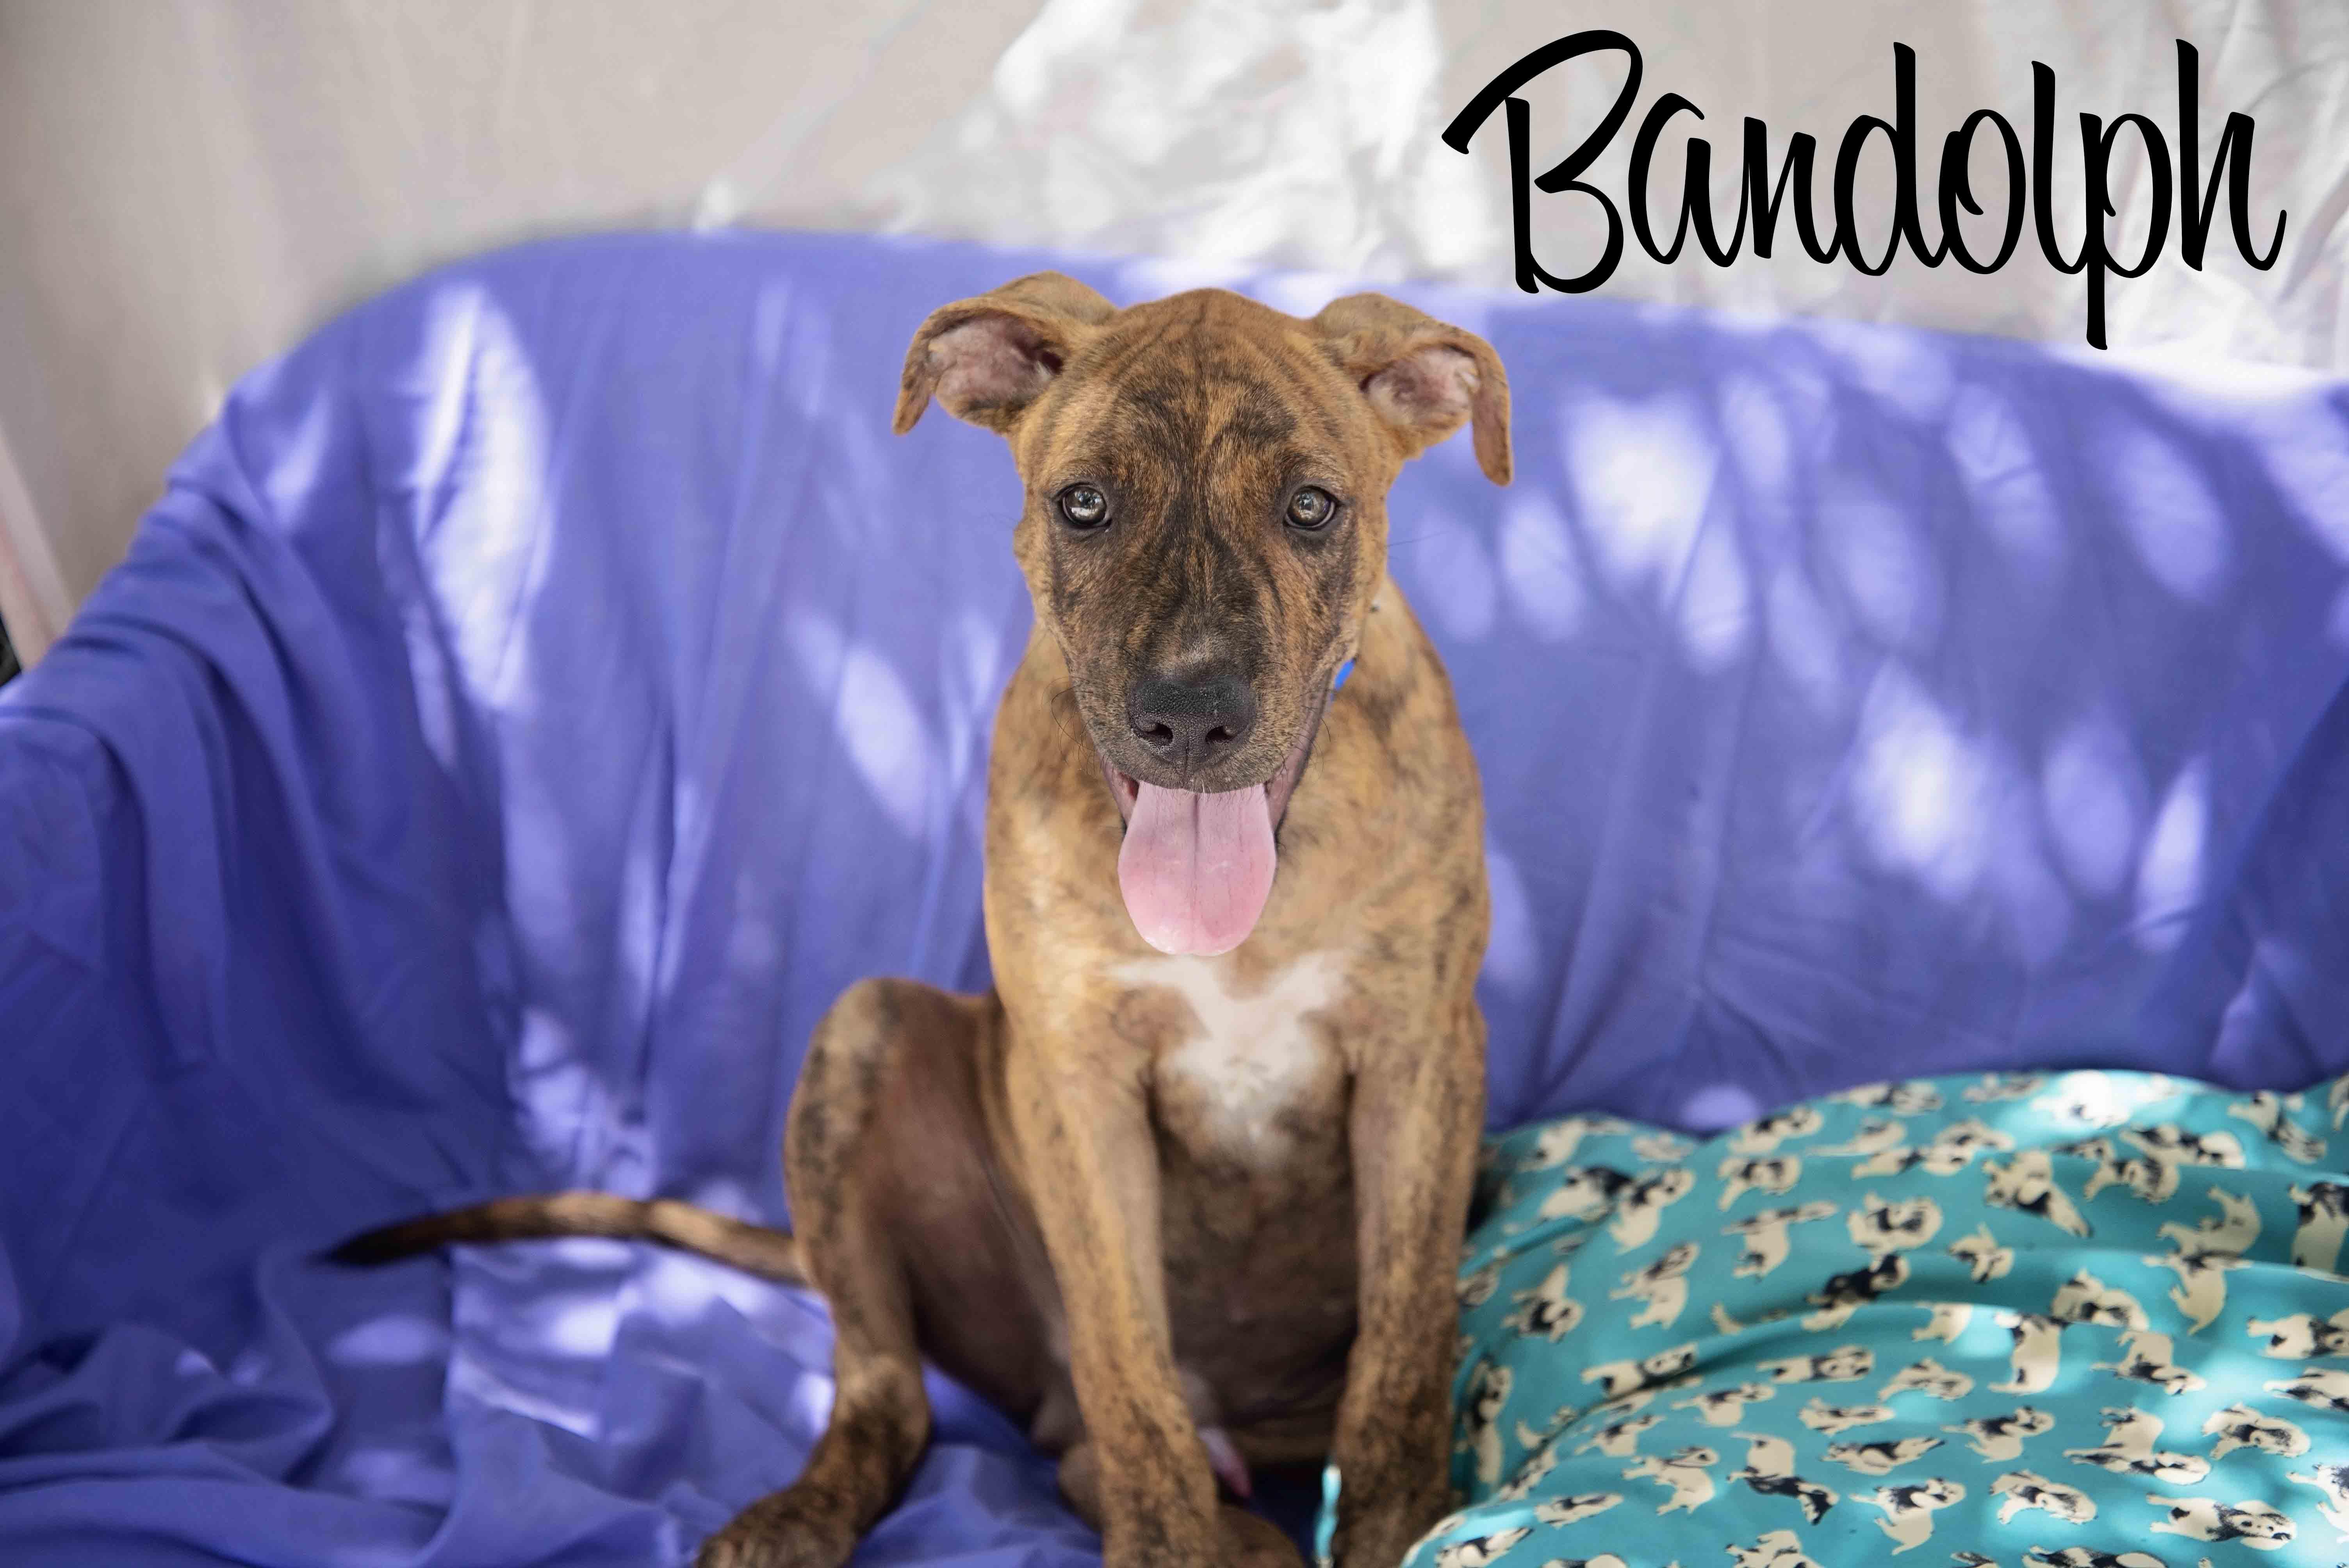 Bandolph